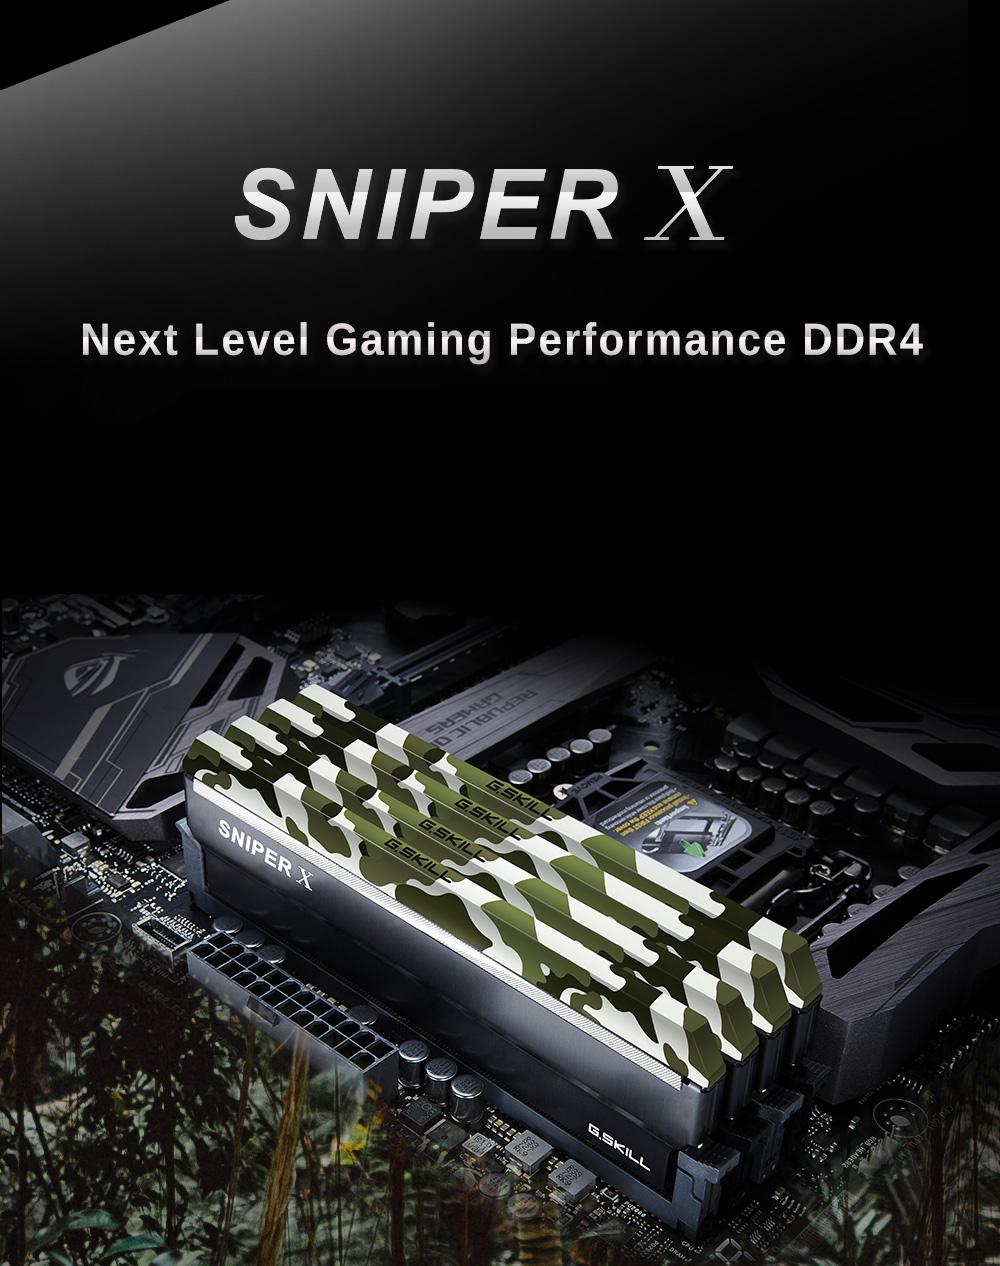 G.SKILL Sniper X Series 16GB NEW F4-3200C16D-16GSXKB DDR4 Memory Ram 2x8GB